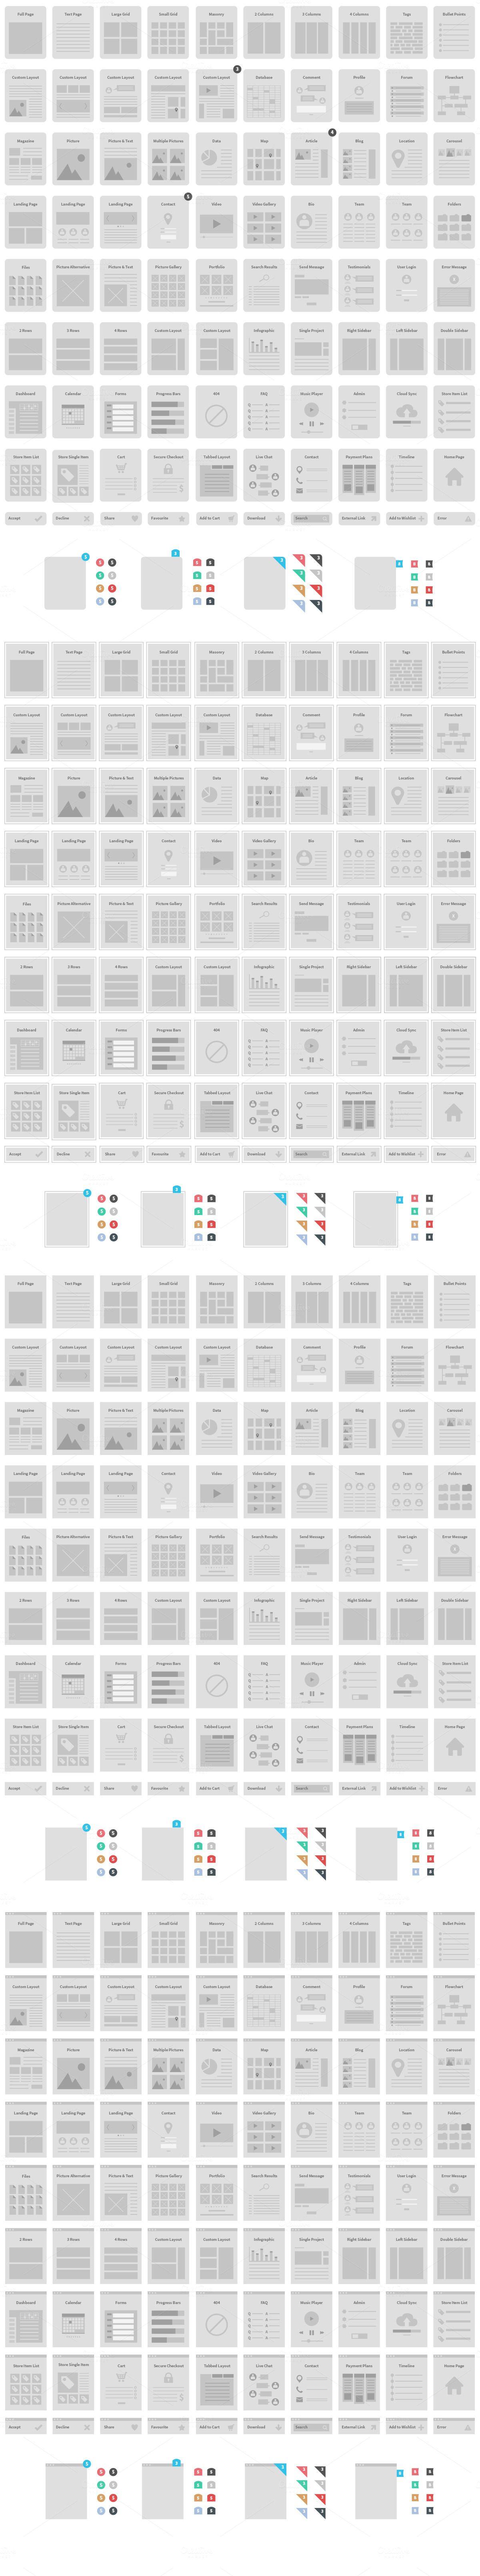 Maquetacion para paginas web 2